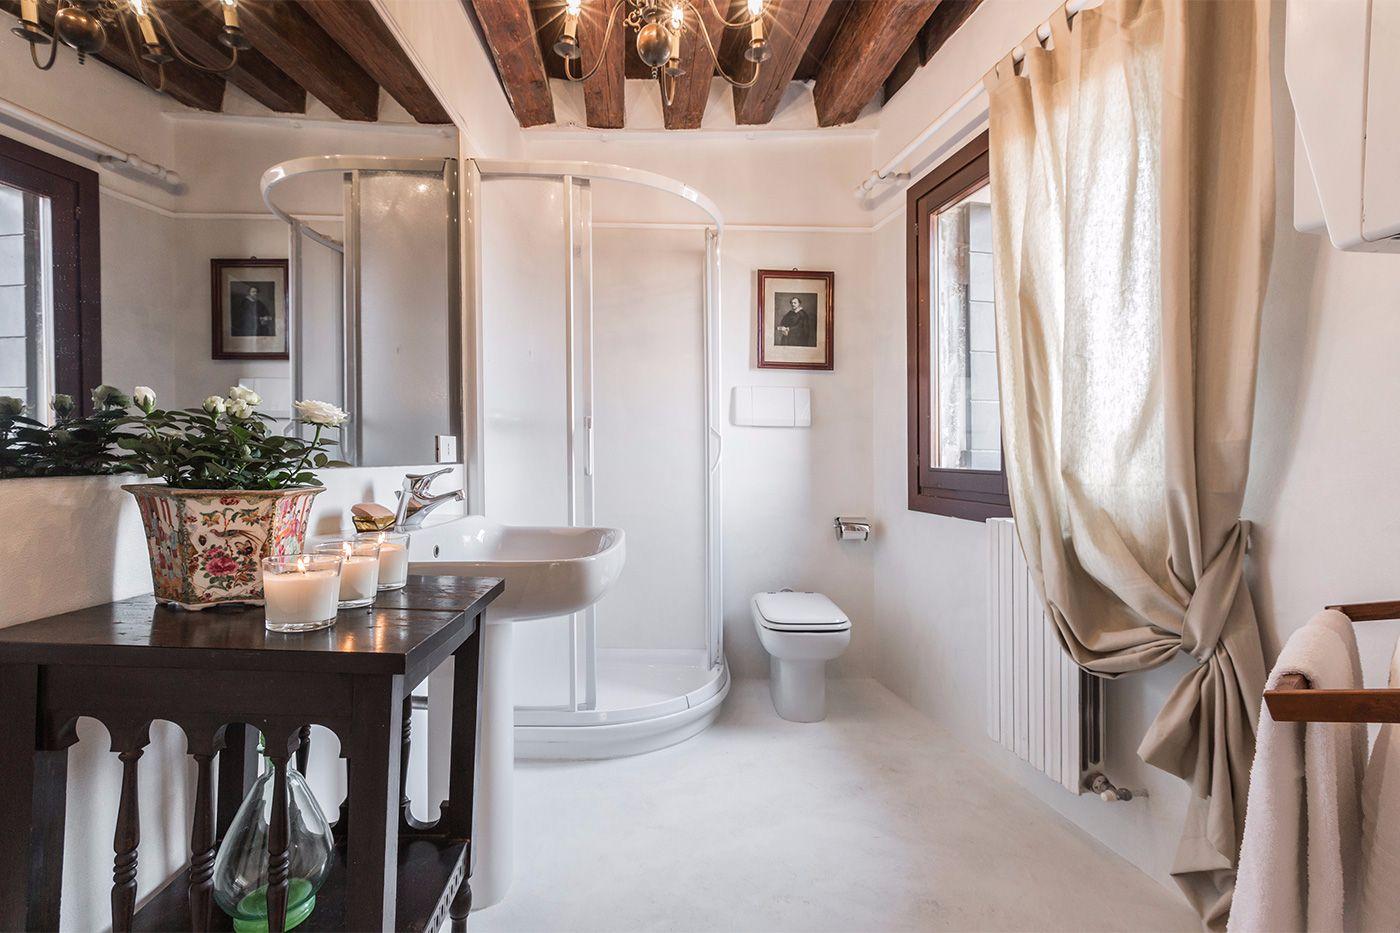 en-suite bathroom of the third bedroom